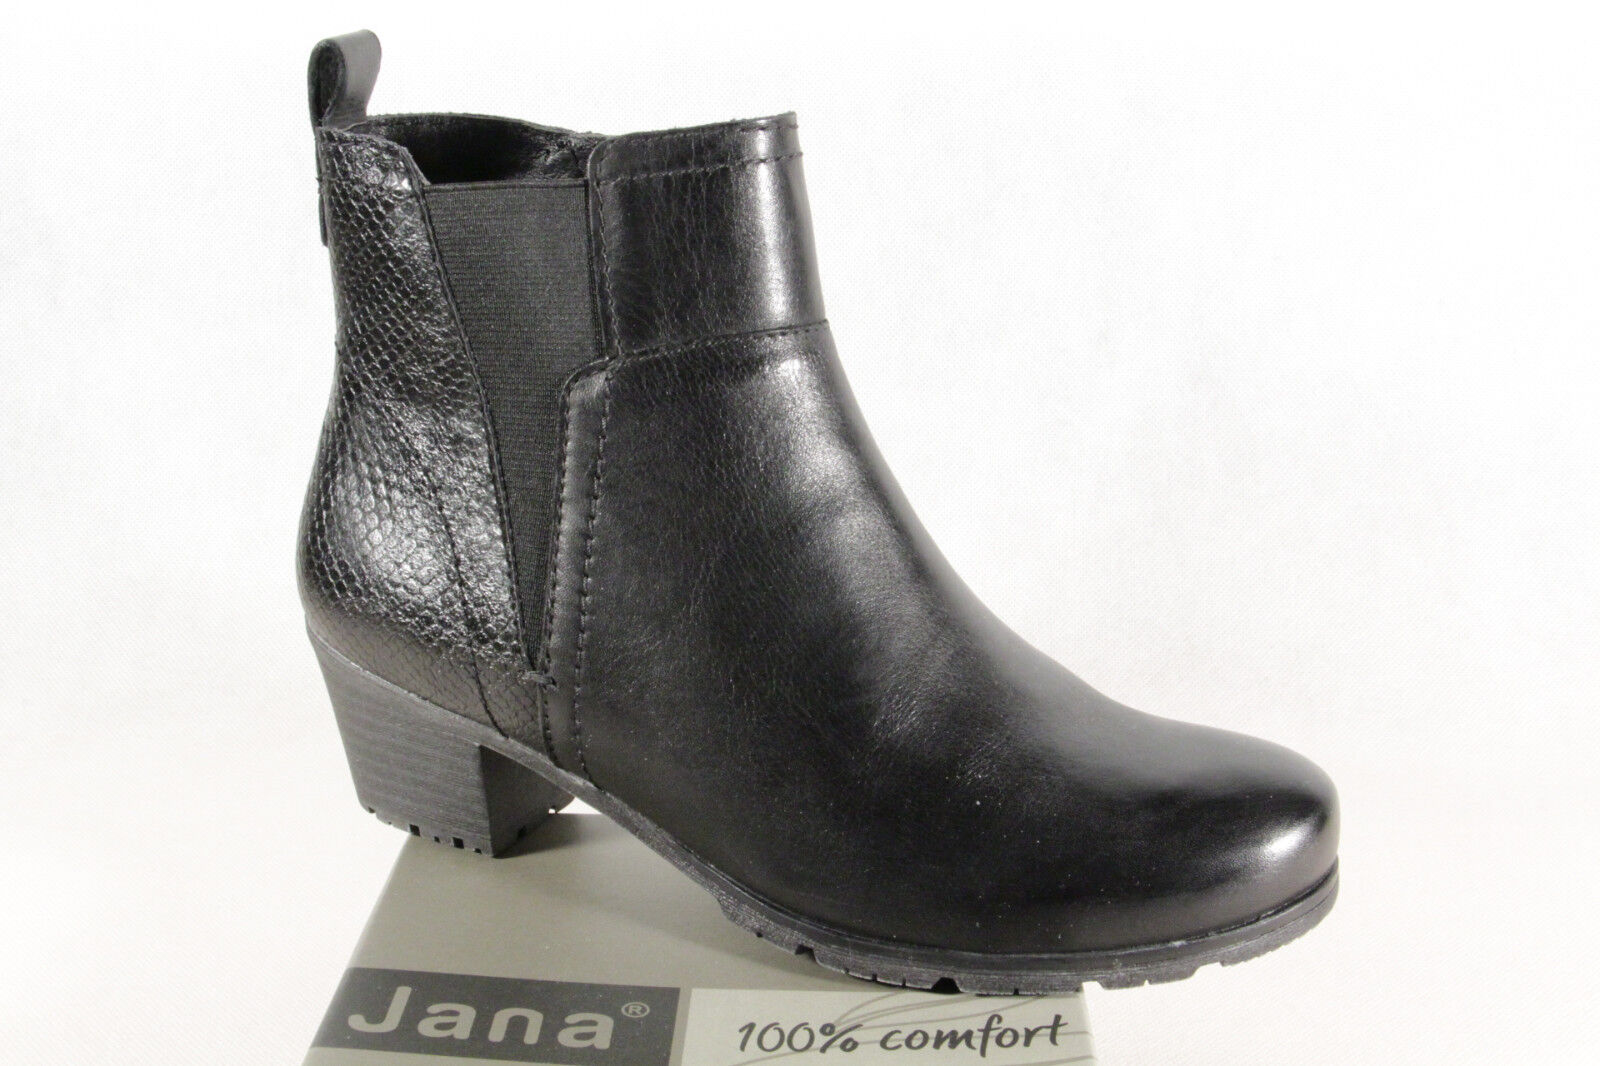 Jana Stiefel Stiefel schwarz Stiefelette Stiefel Winterstiefel schwarz Stiefel 25312 NEU 2ec90b